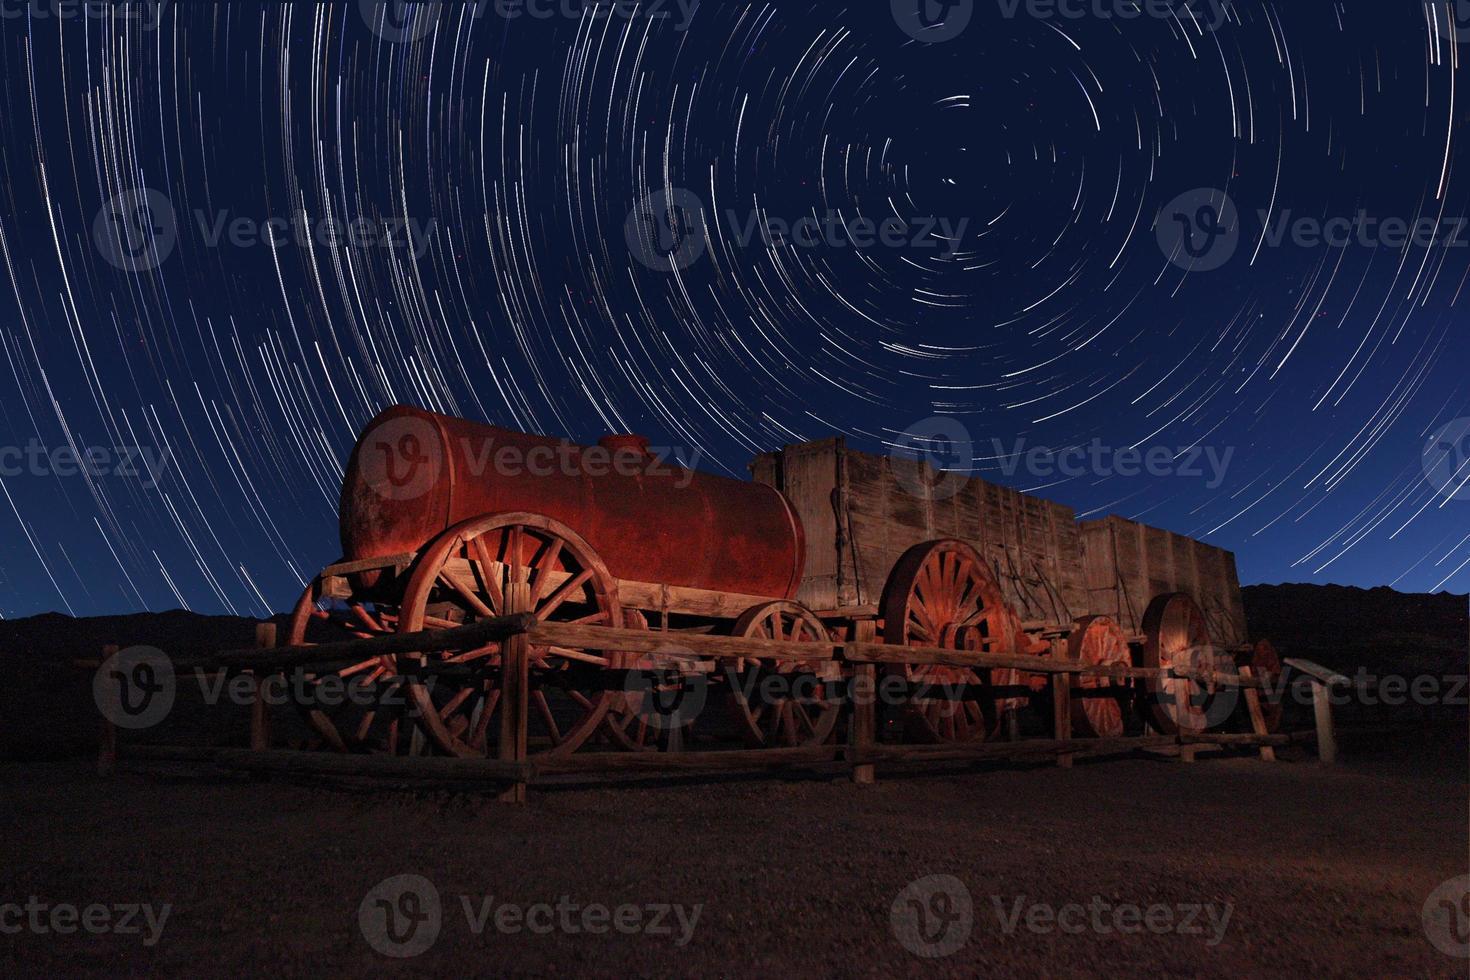 esposizione notturna tracce stellari del cielo nella valle della morte california foto